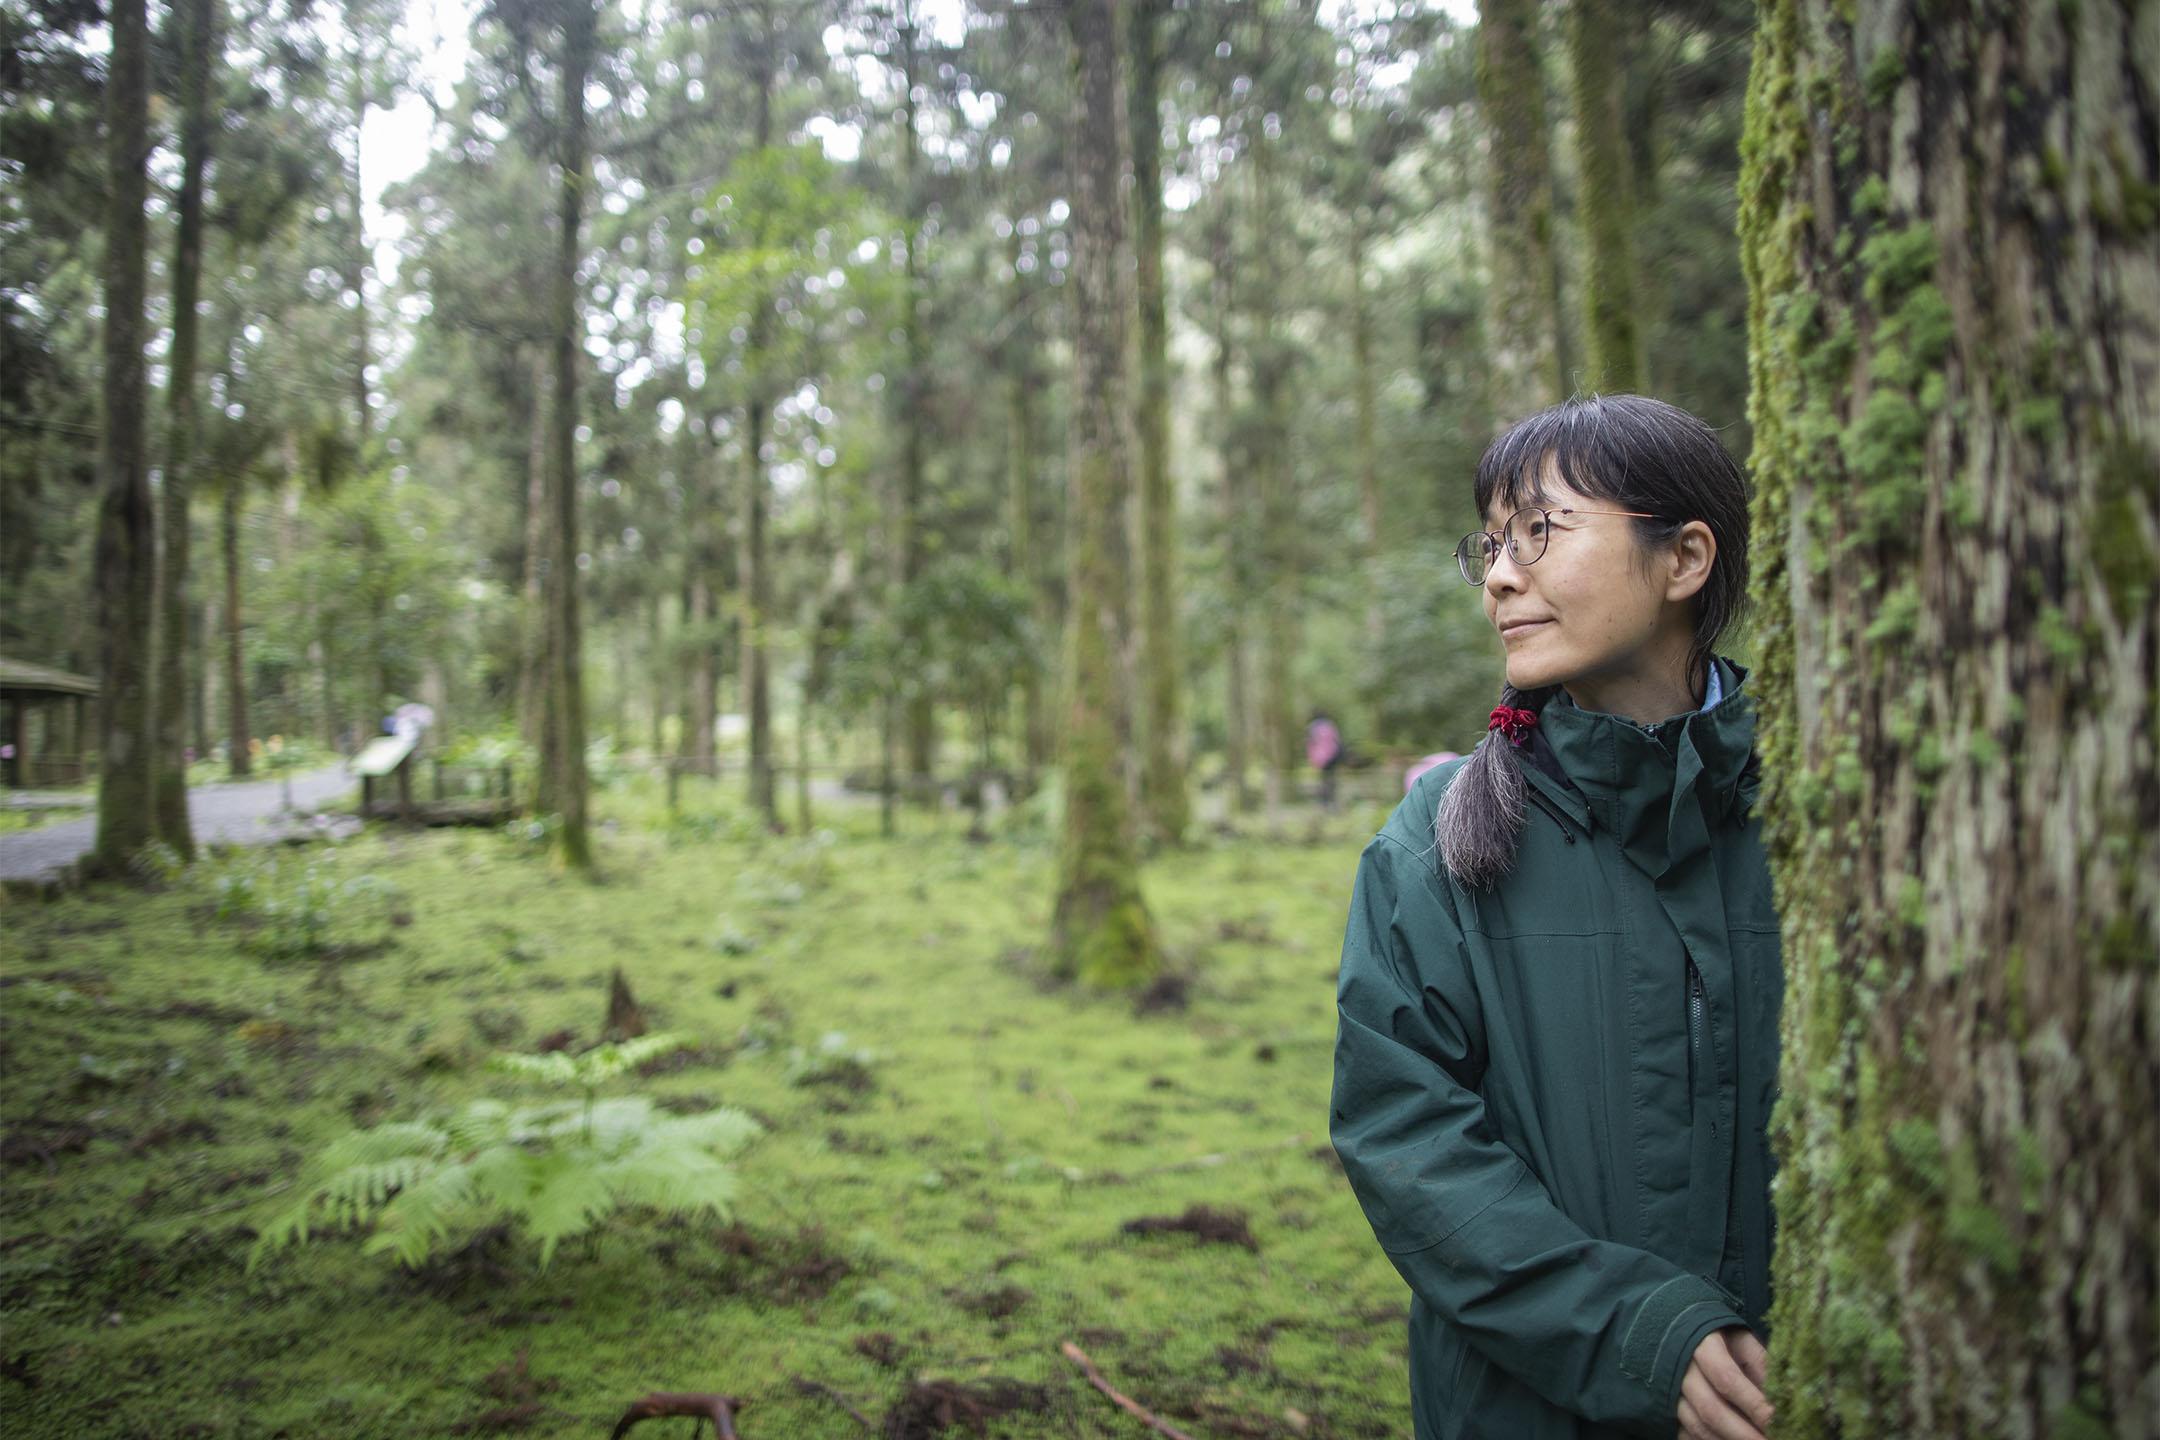 黎明儀是福山自然教育推廣的幕後推手,官網上設計親民可愛的一系列「認識福山」主題學習單、介紹福山森林和大型猛禽林鵰的紀錄片、自然種子教師研習,以及園區入口作為遊客教育前哨站的「自然中心」,都有她的規劃和參與。 攝:陳焯煇/端傳媒